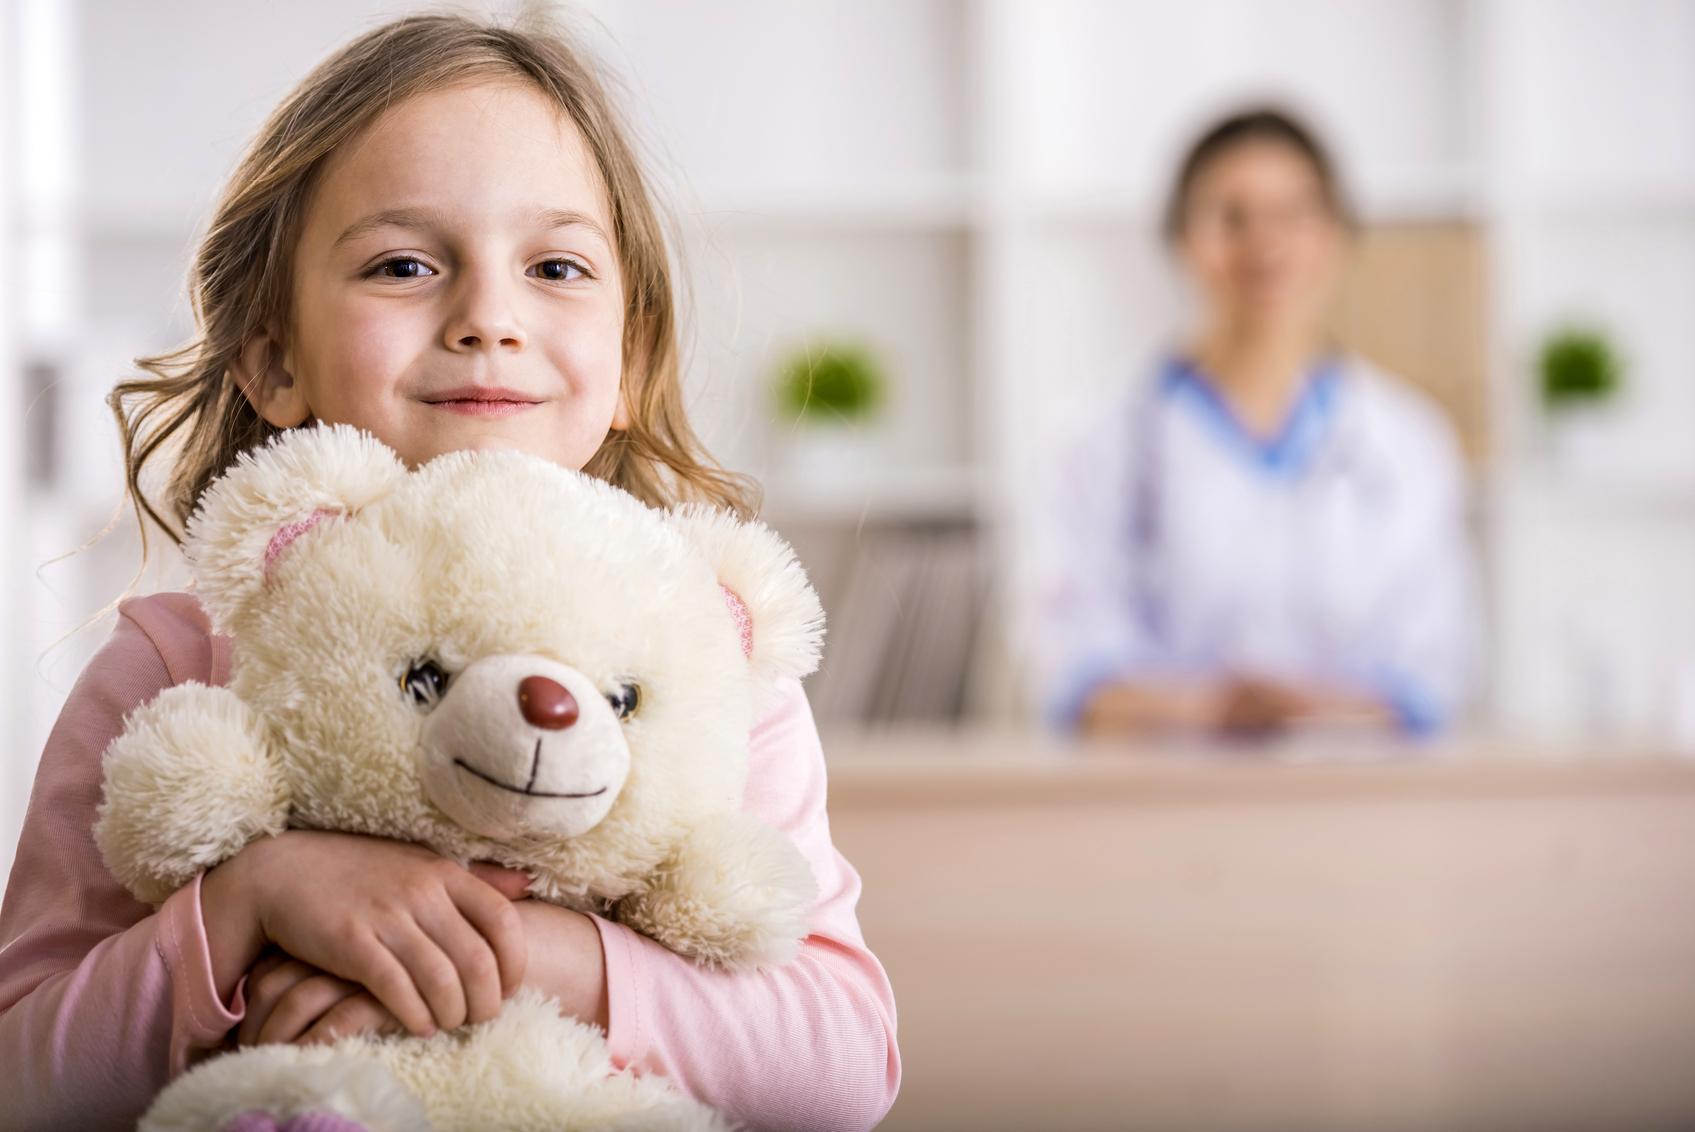 Niños hospitalizados: ¿cómo les afecta la estancia en el hospital?